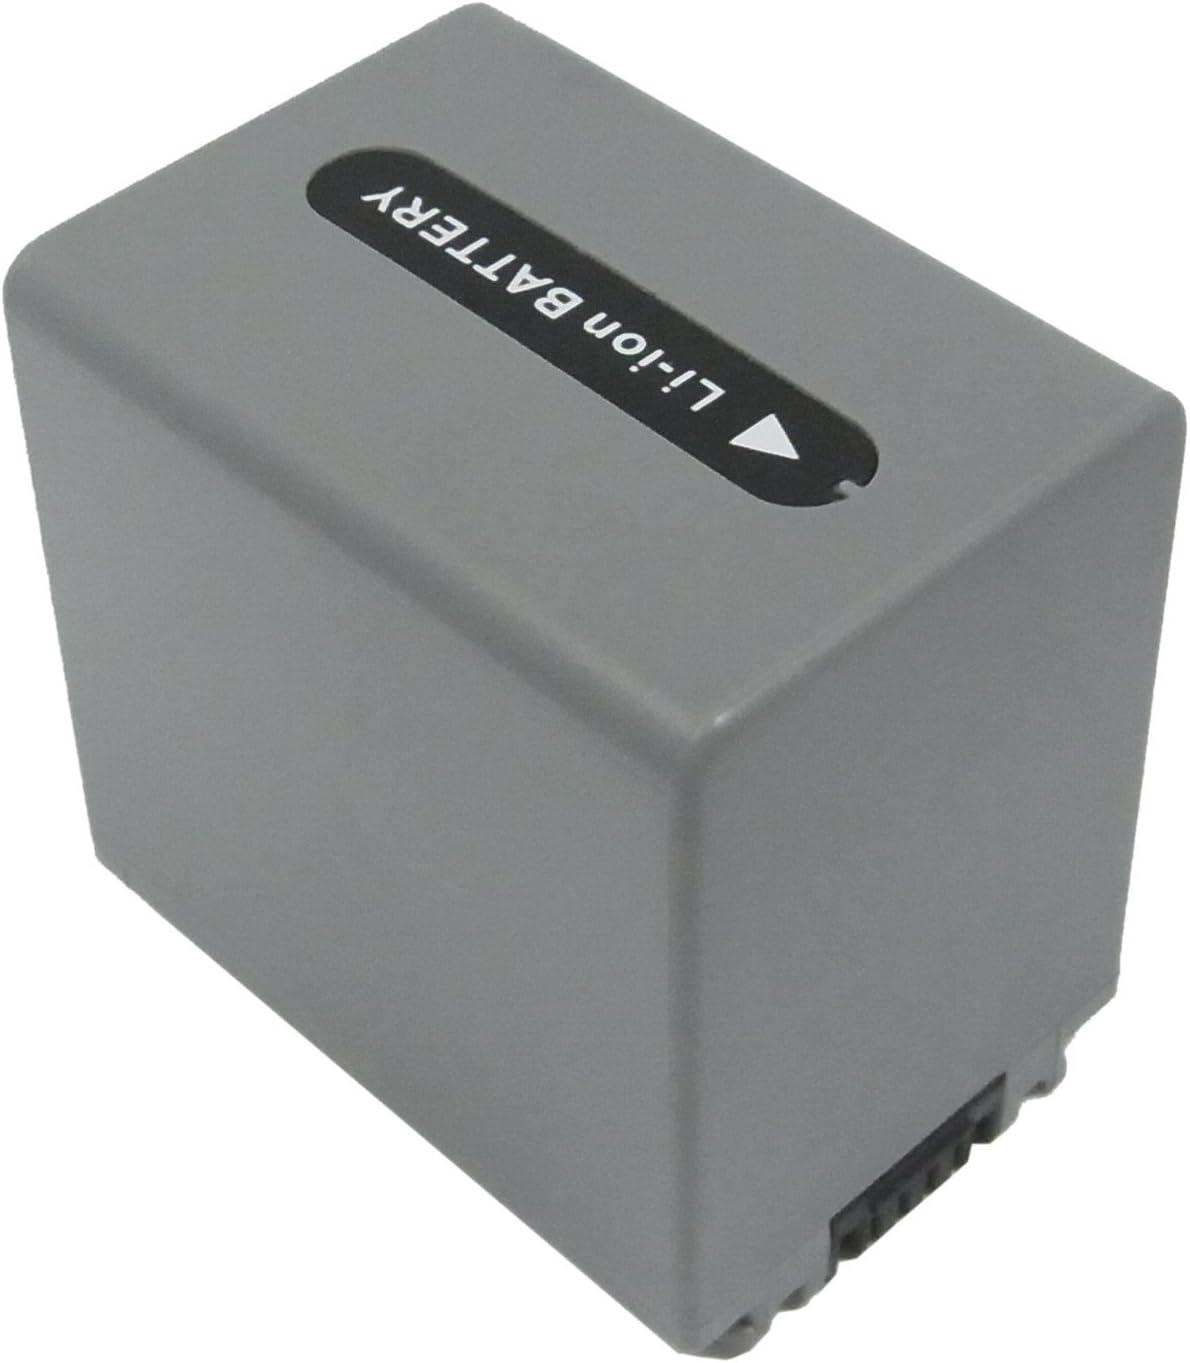 Rechargeable Battery NP-FP81 Replacement for Sony DCR-DVD103 DCR-DVD105 DCR-30 7.4v 1800mAh DCR-DVD203